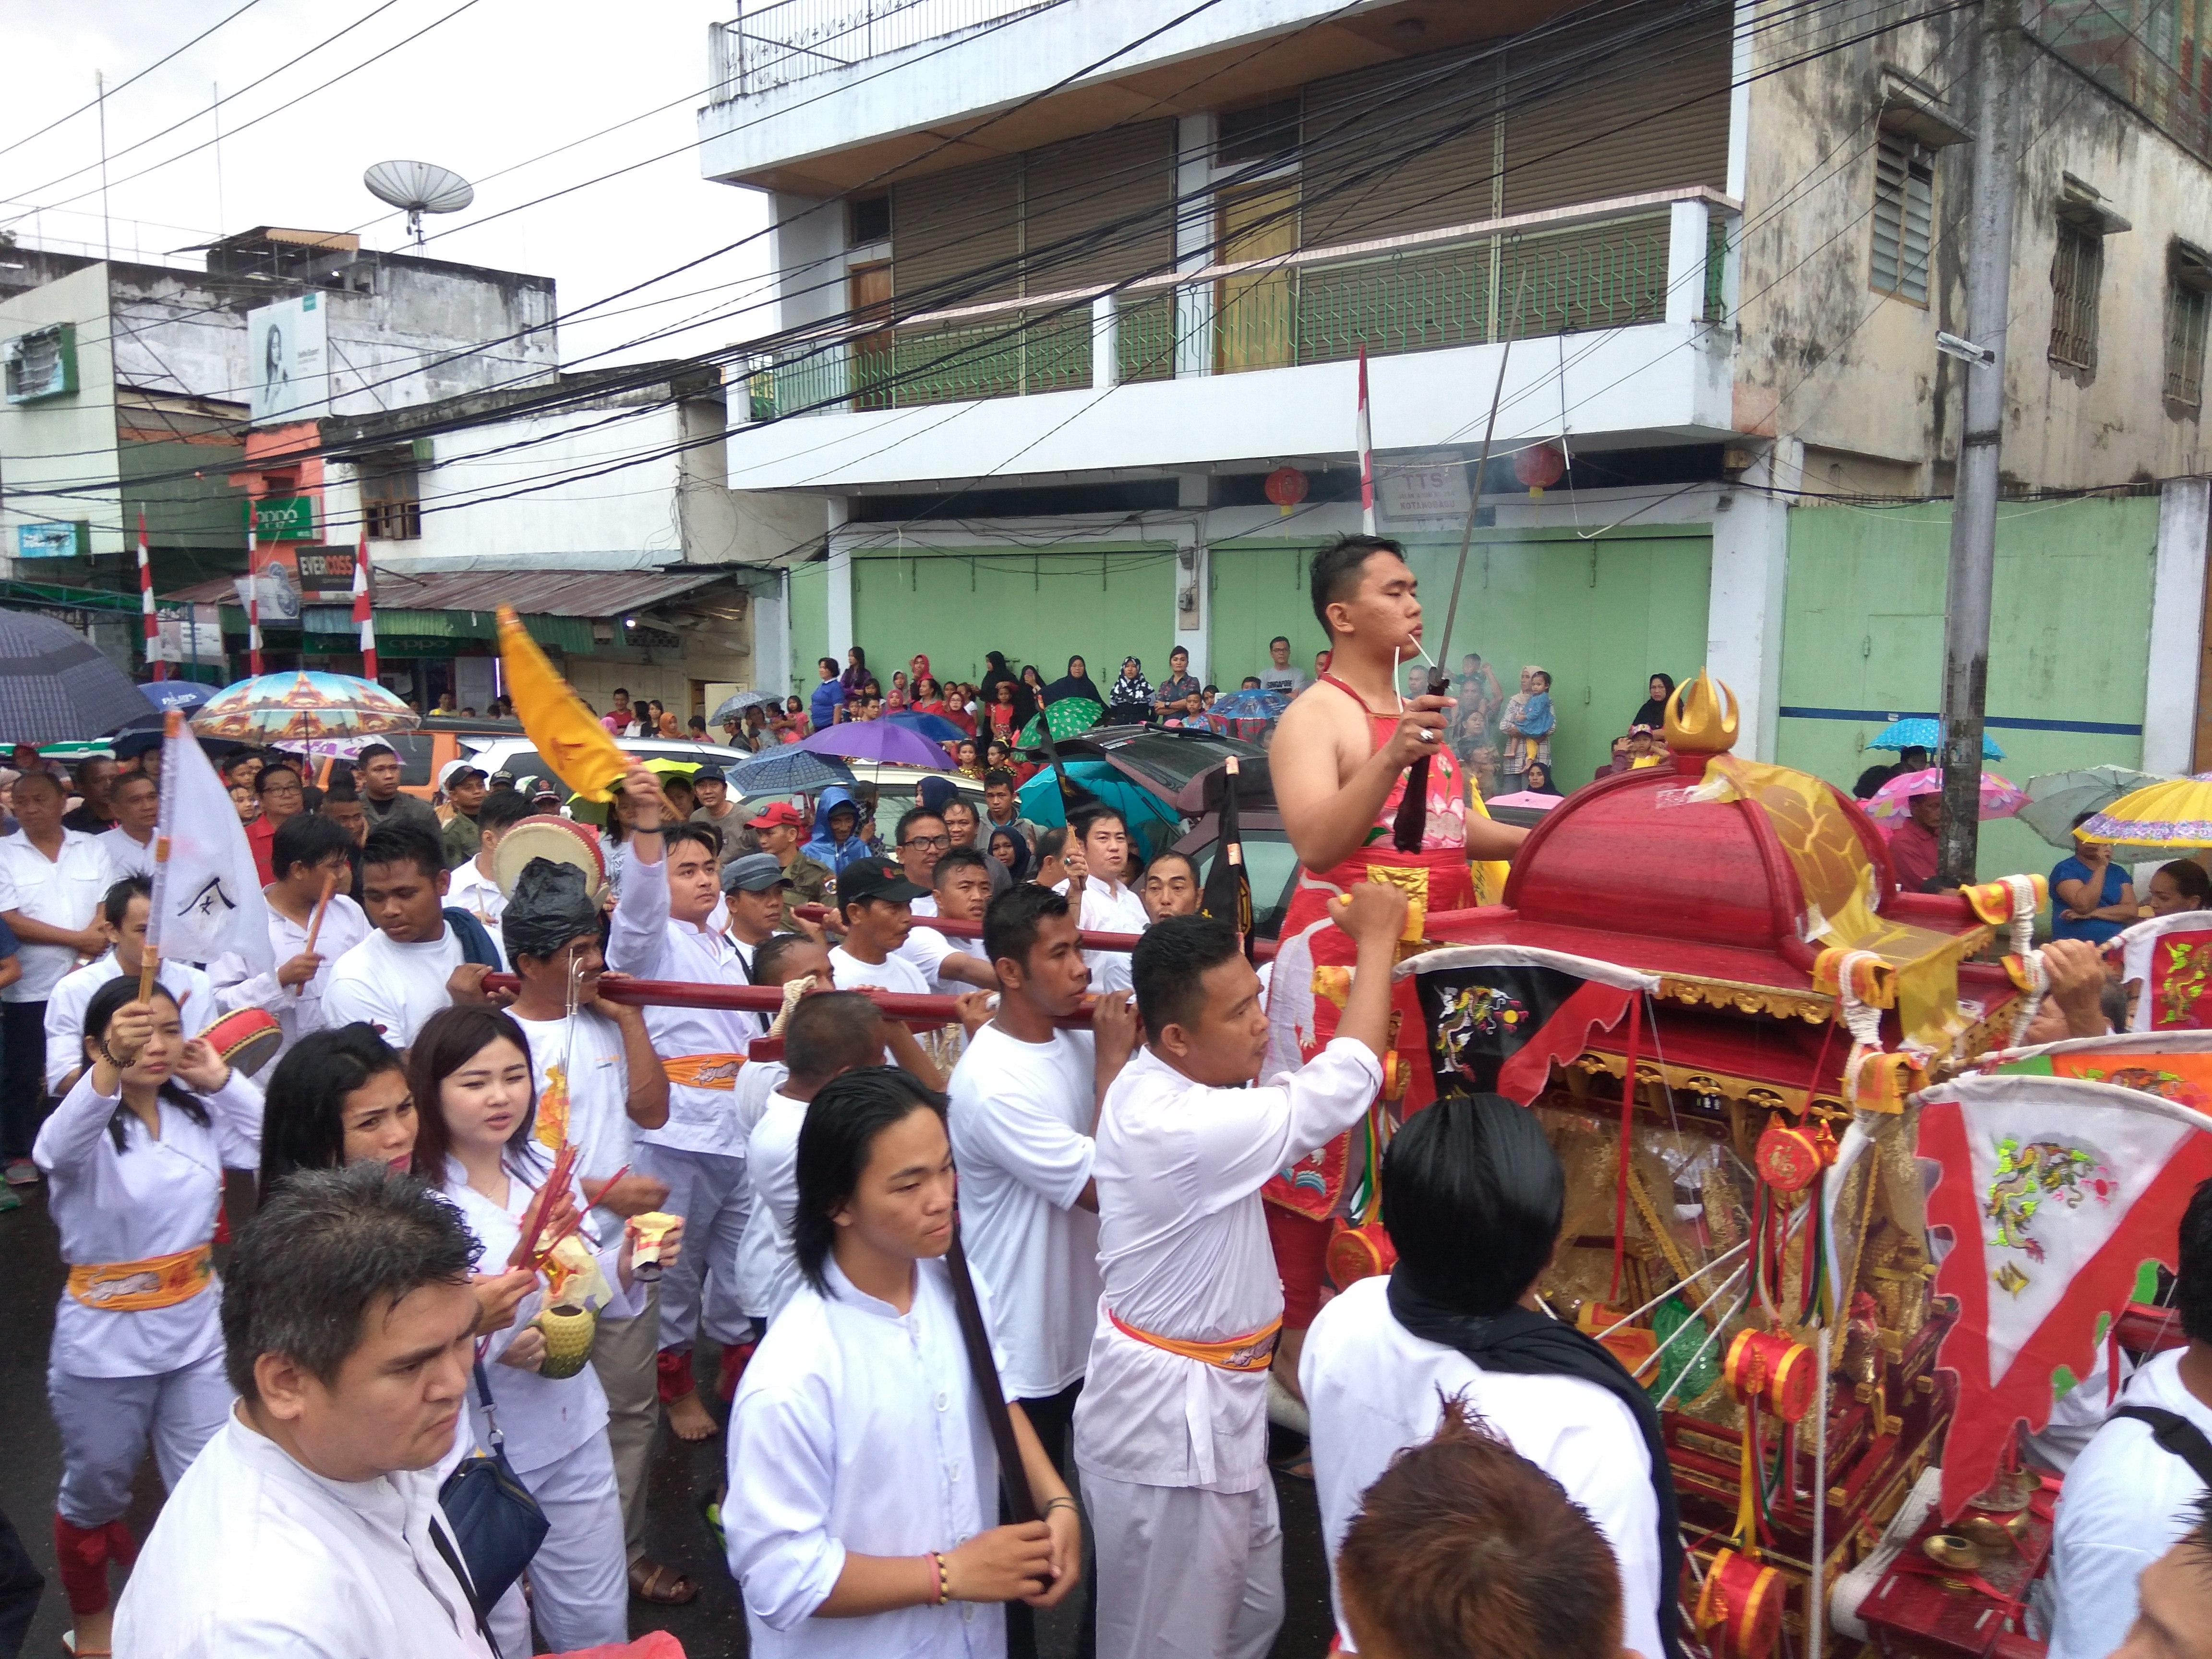 Festival Cap Go Meh, Agung Berharap Lebih Meriah Berita Kotamobagu